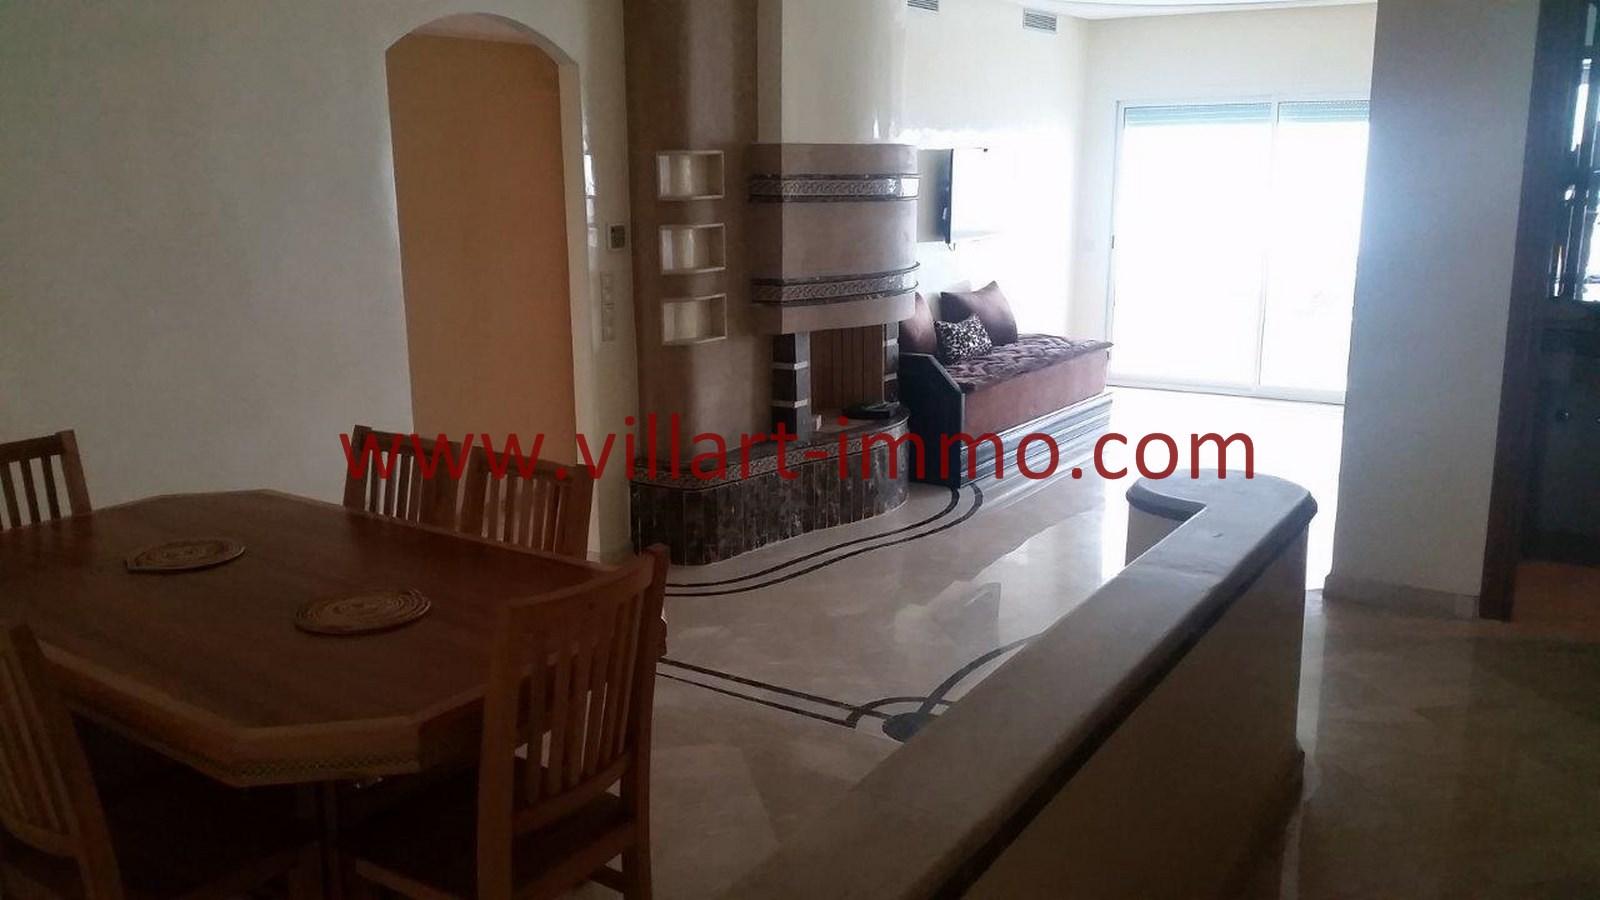 4-a-louer-appartement-meuble-tanger-salle-a-manger-l918-villart-immo